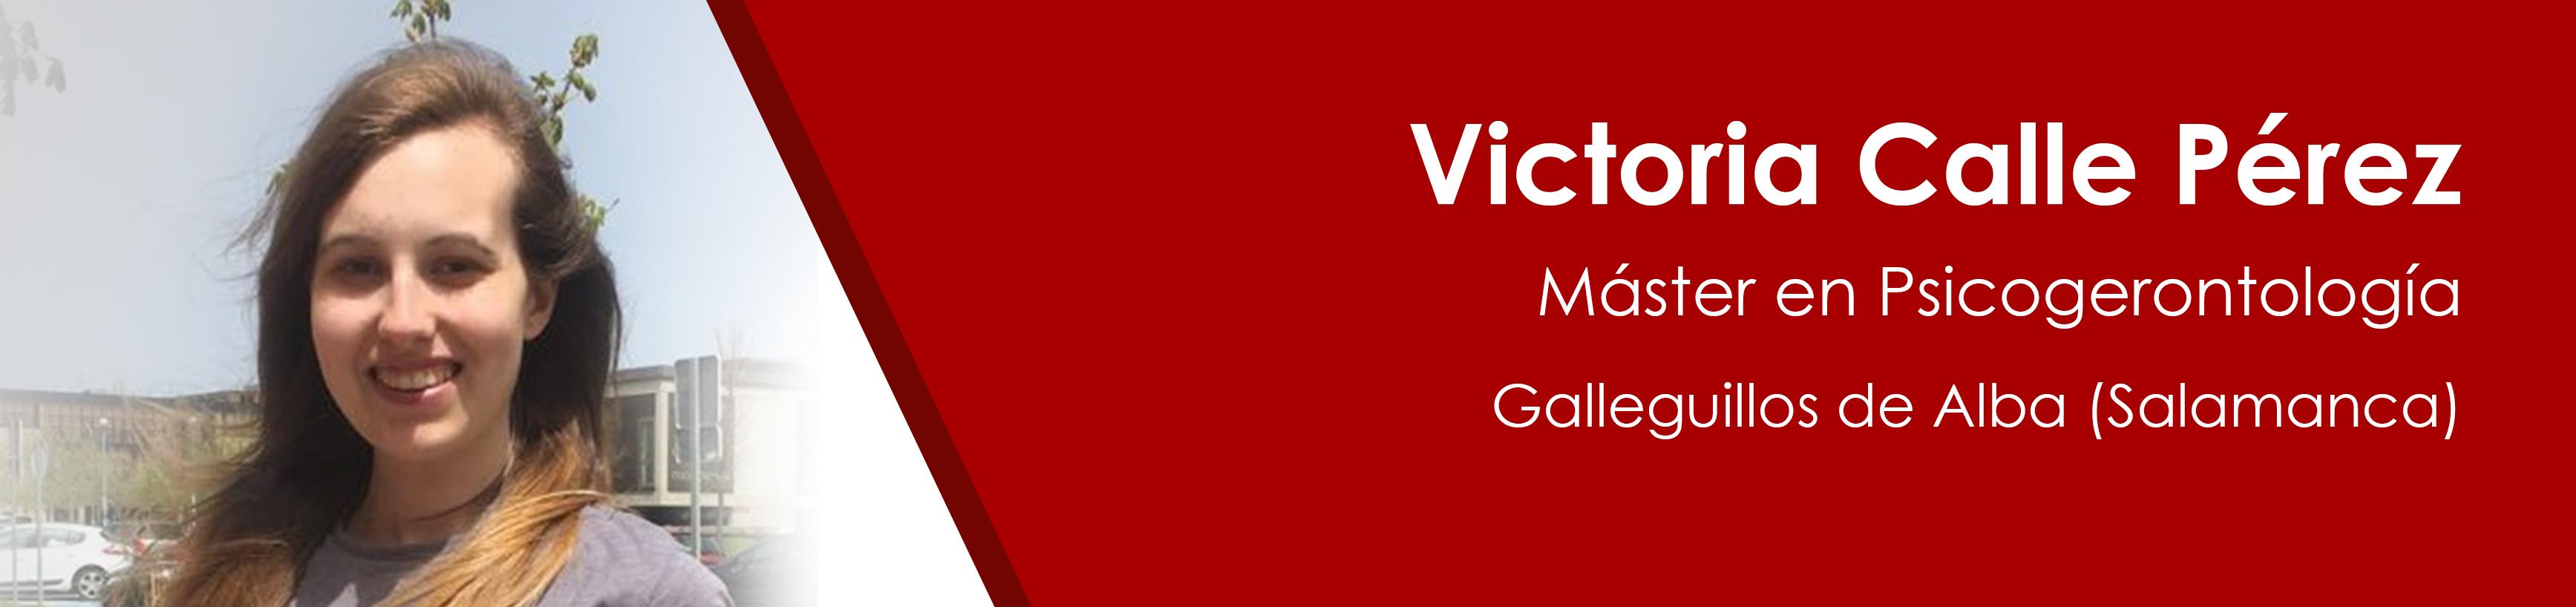 victoria-calle-perez-destacada